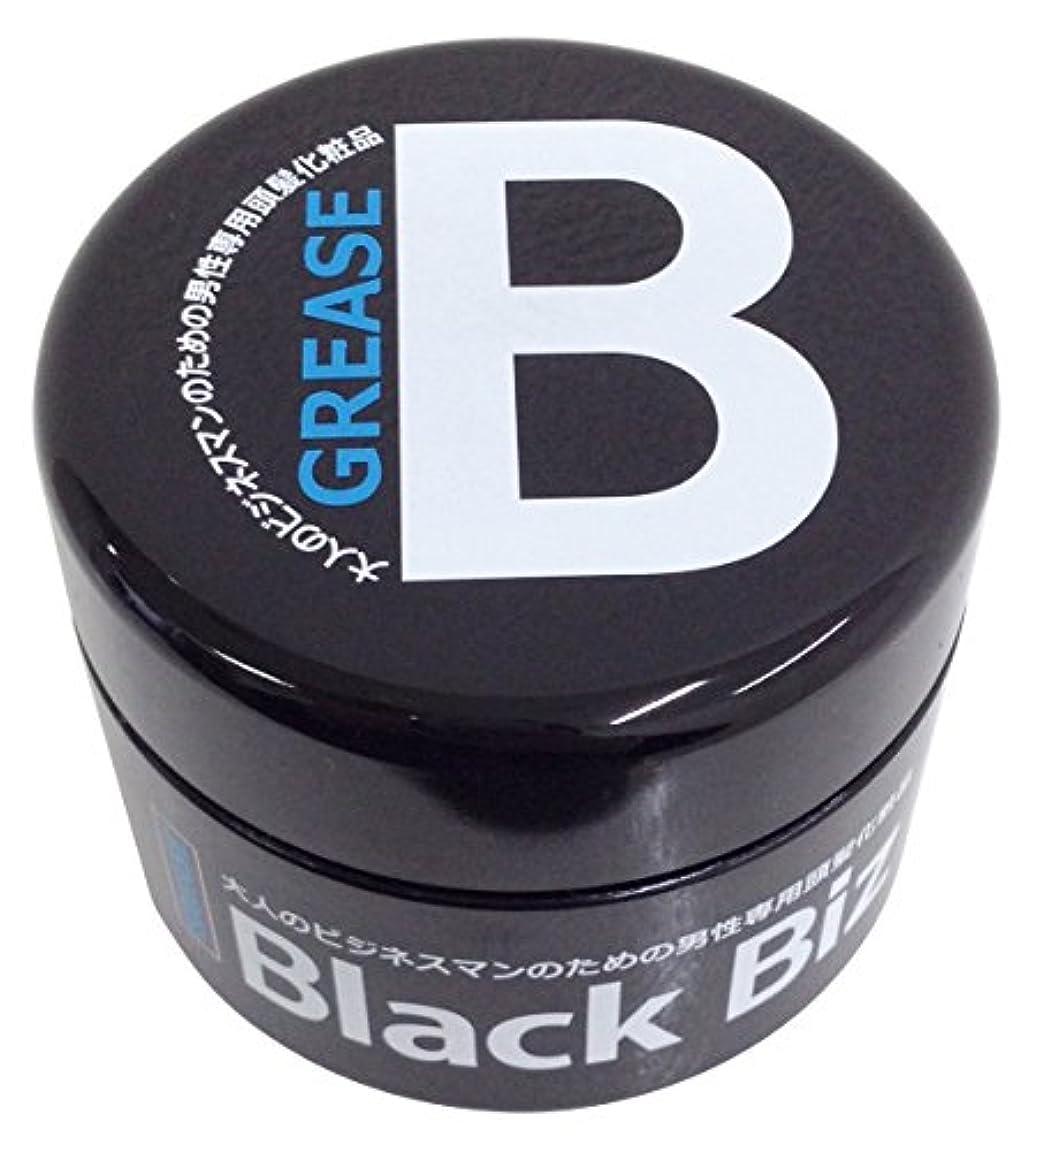 発送美的ポスト印象派大人のビジネスマンのための男性専用頭髪化粧品 BlackBiz GREASE SOFT ブラックビズ グリース ソフト